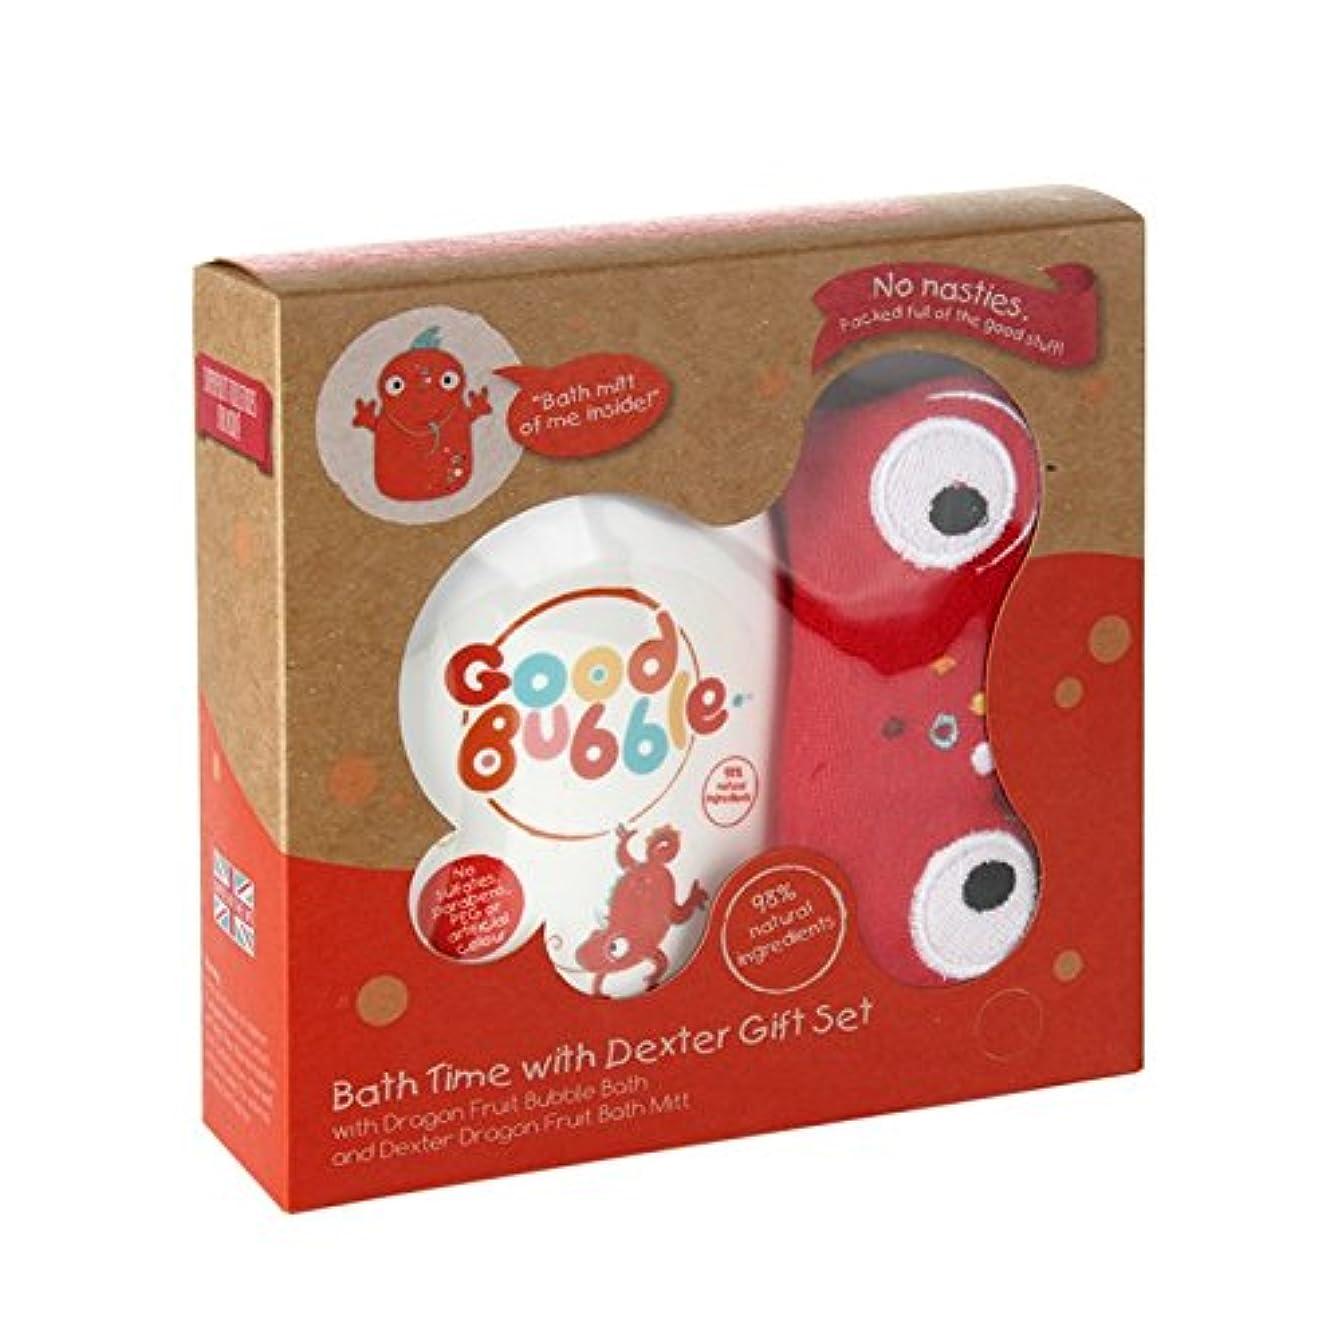 暫定液体最悪Good Bubble Dexter Dragonfruit Gift Set 550g (Pack of 6) - 良いバブルデクスターDragonfruitギフトセット550グラム (x6) [並行輸入品]